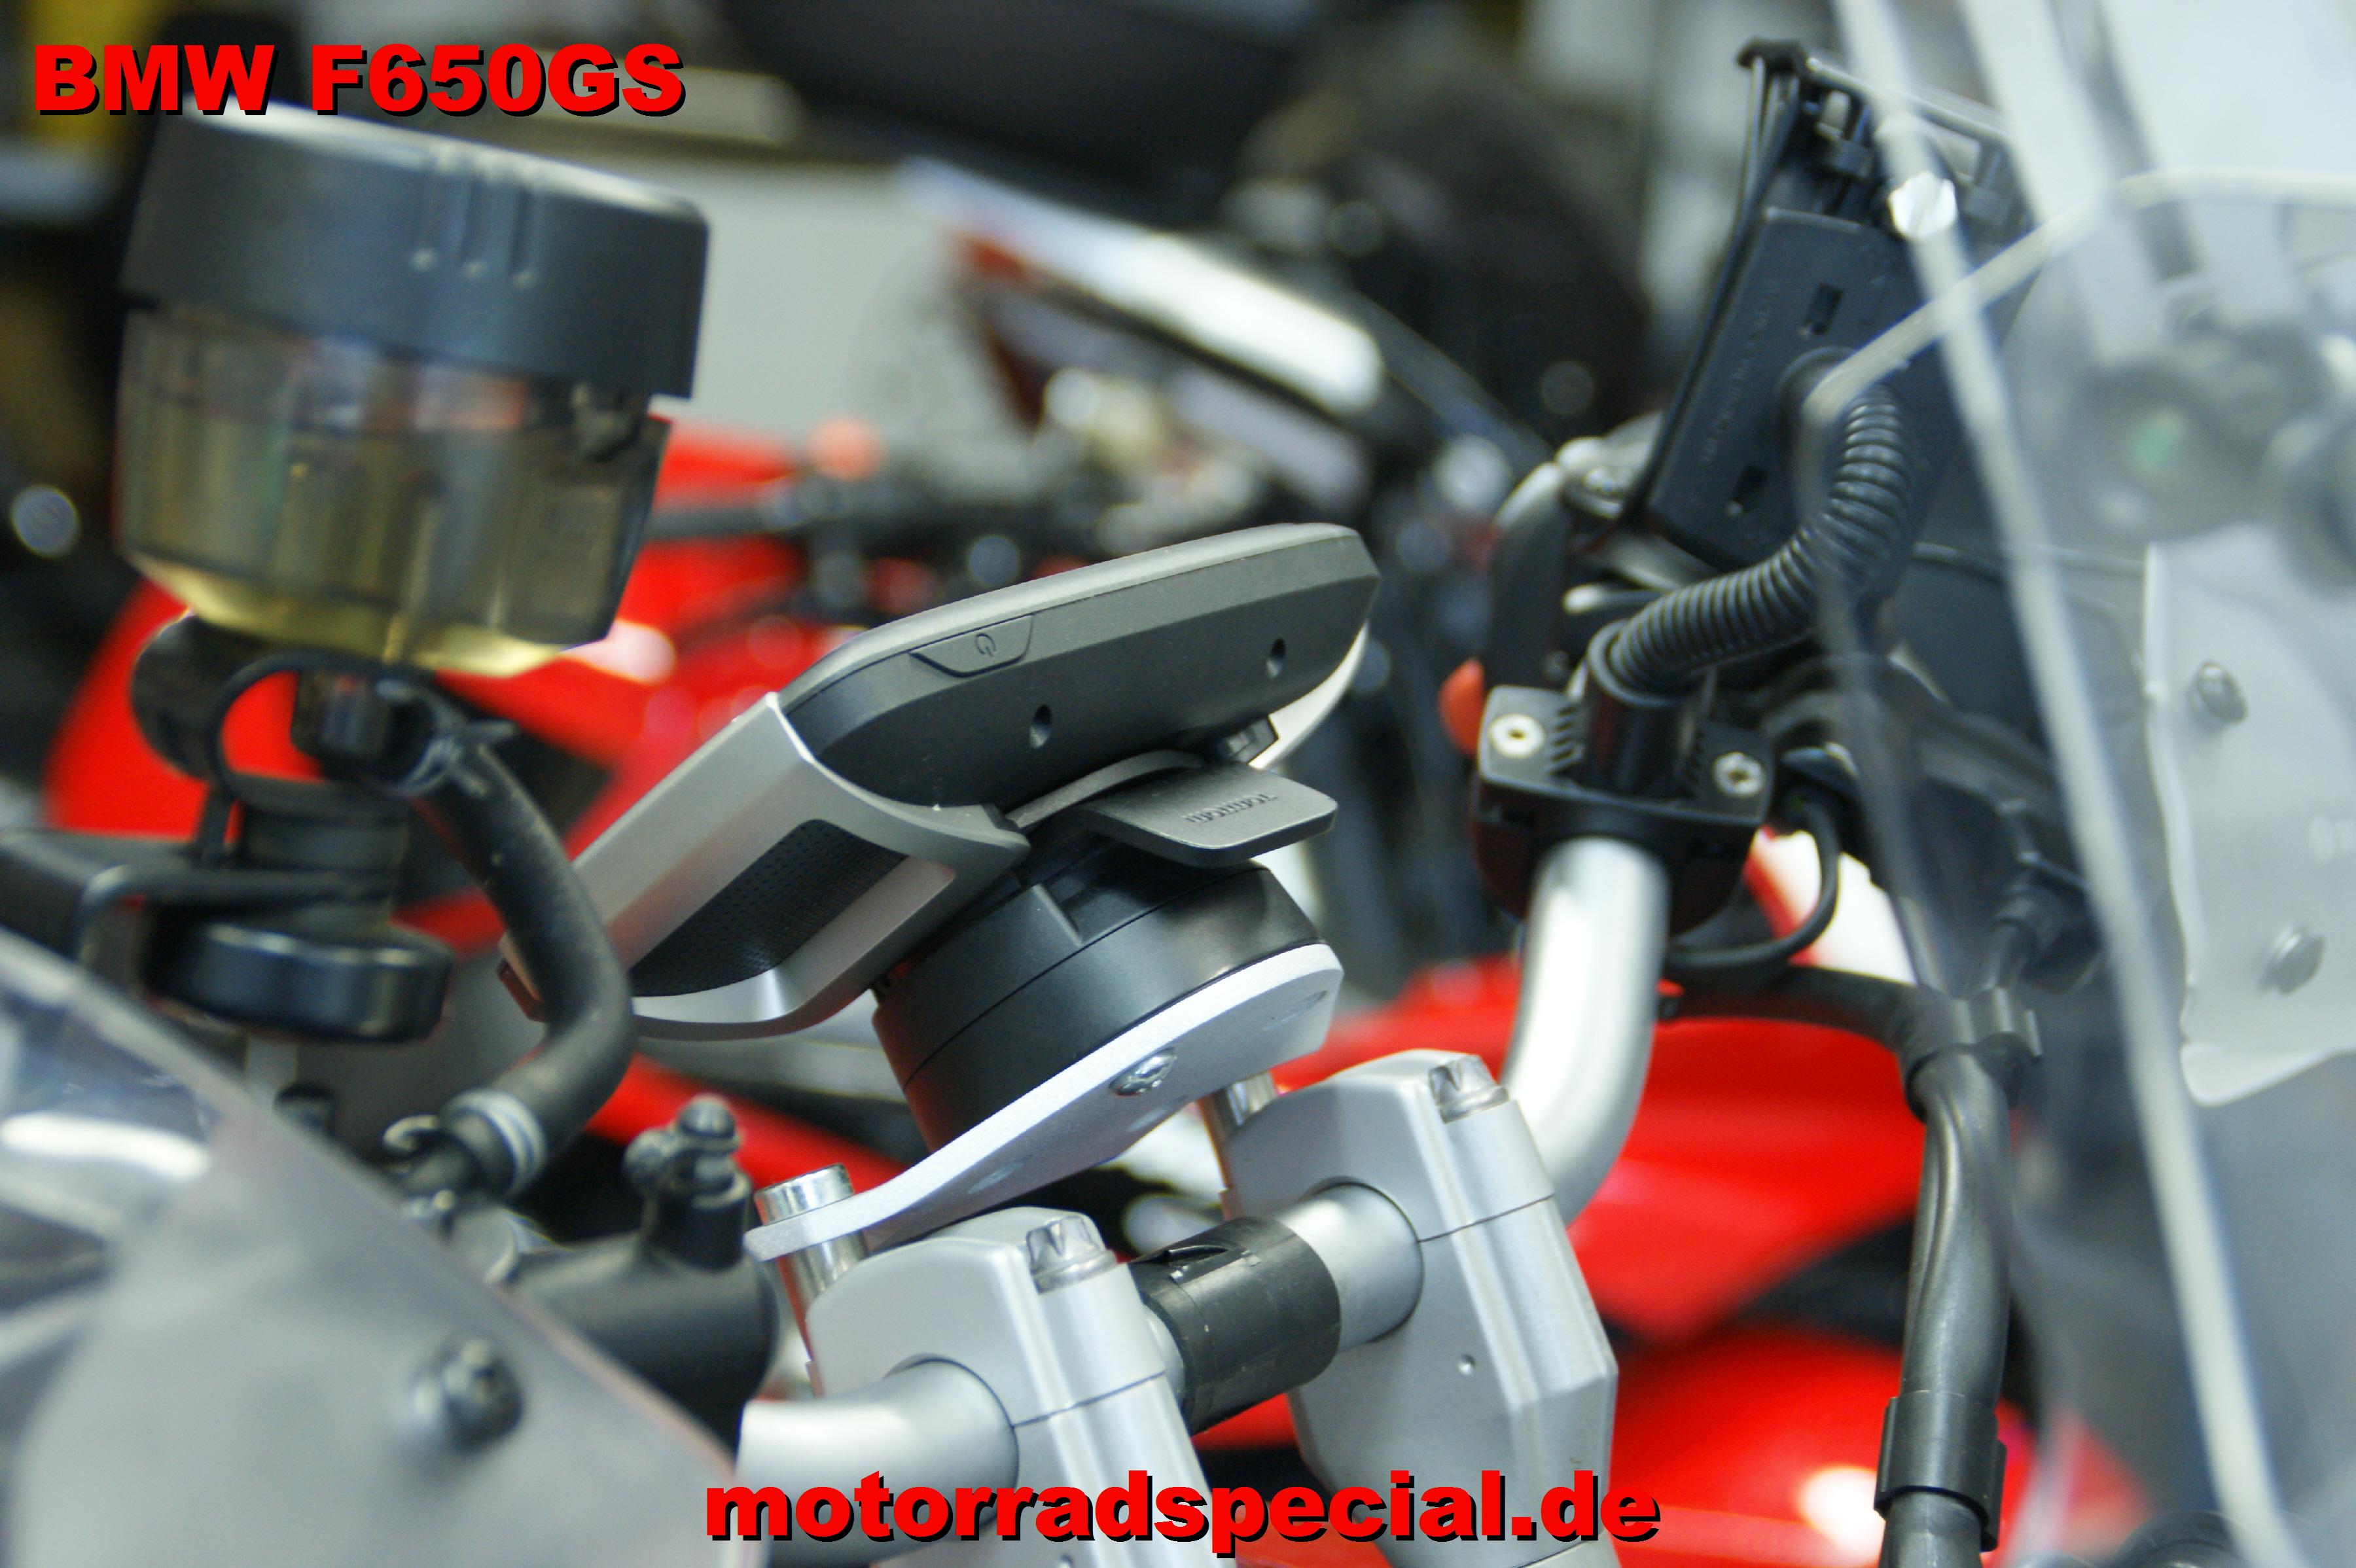 BMW_F650GS_Navigationshalterung_Navigationshalter_Navihalter_TomTom Rider_400_410_6